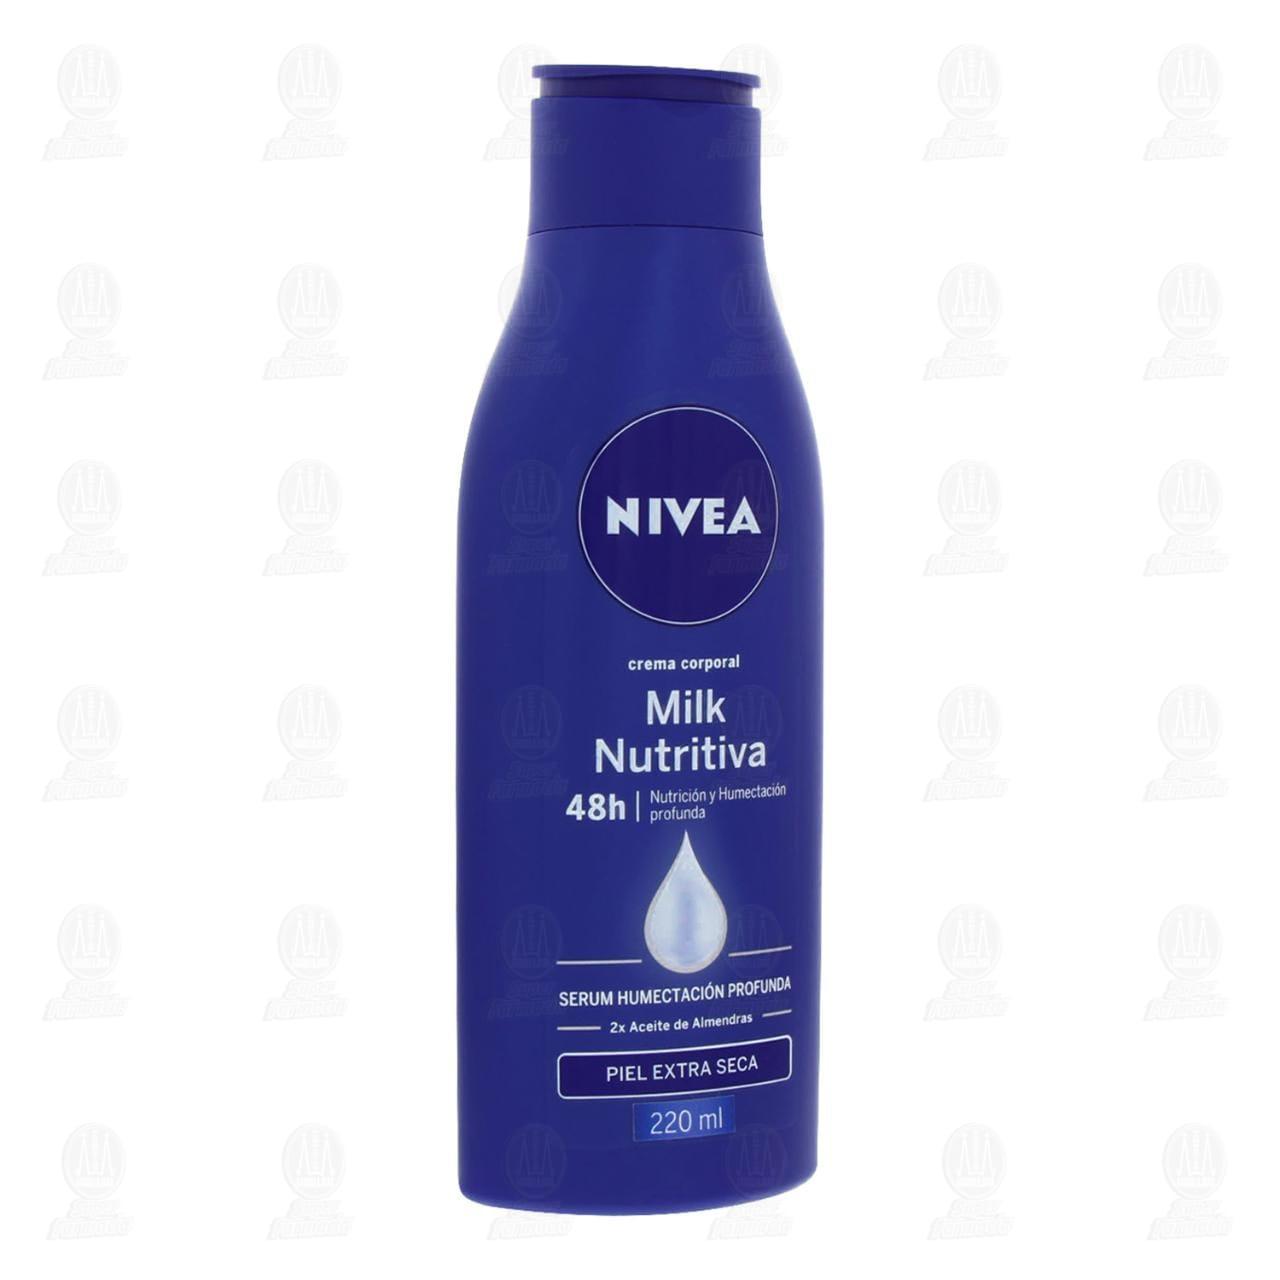 Comprar Nivea Crema Corporal Hidratante Nutritiva Piel Extra Seca, 220ml. en Farmacias Guadalajara